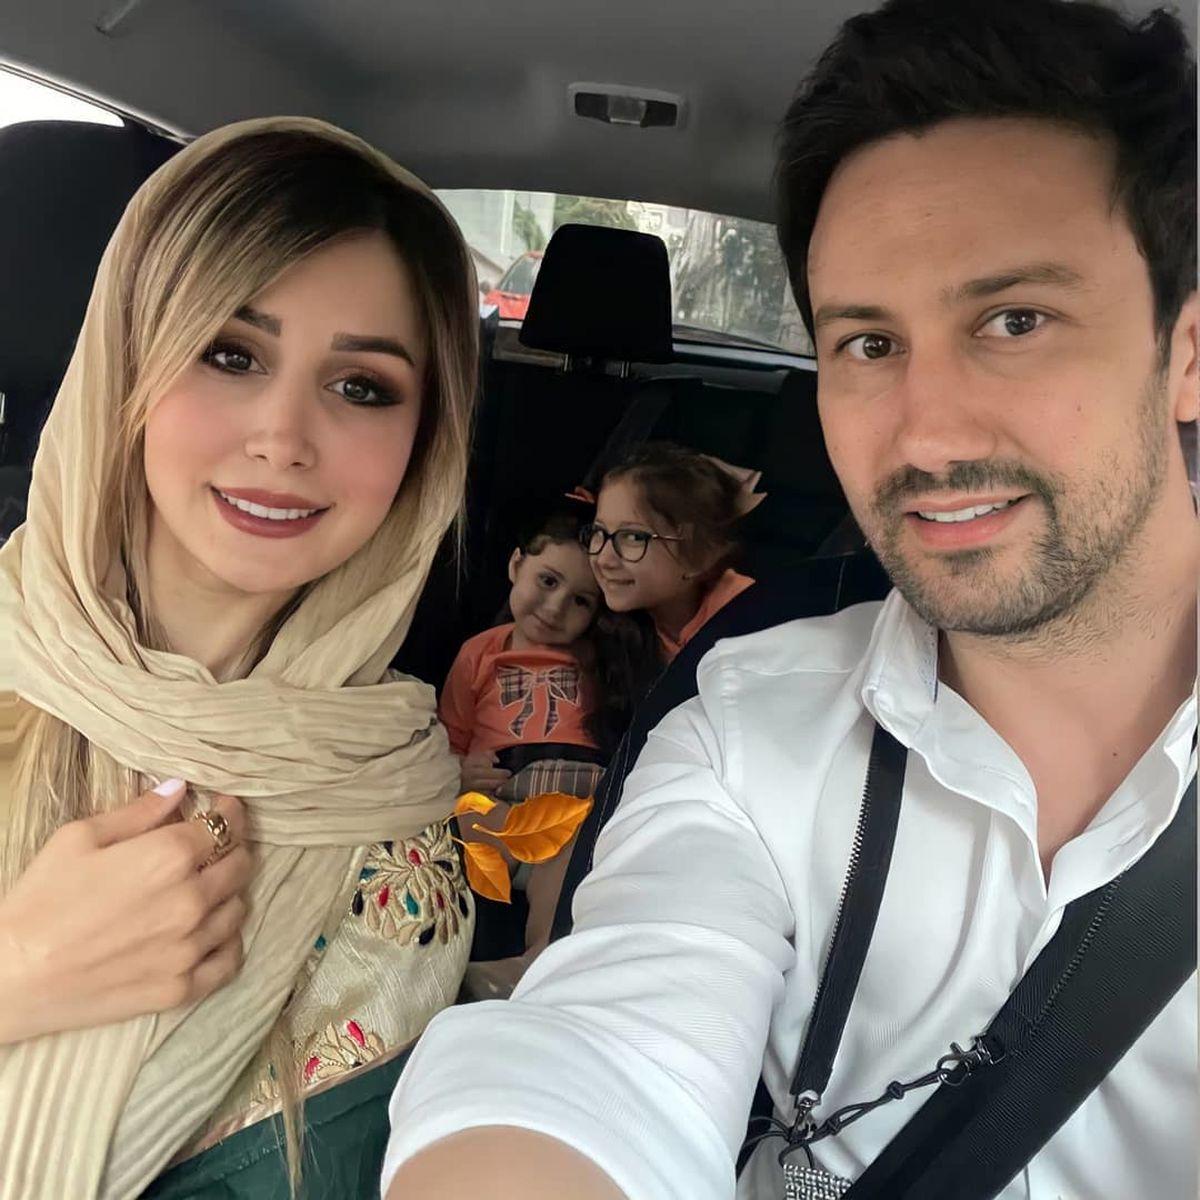 سلفی شاهرخ استخری و همسرش در خودروی لوکسشان + عکس